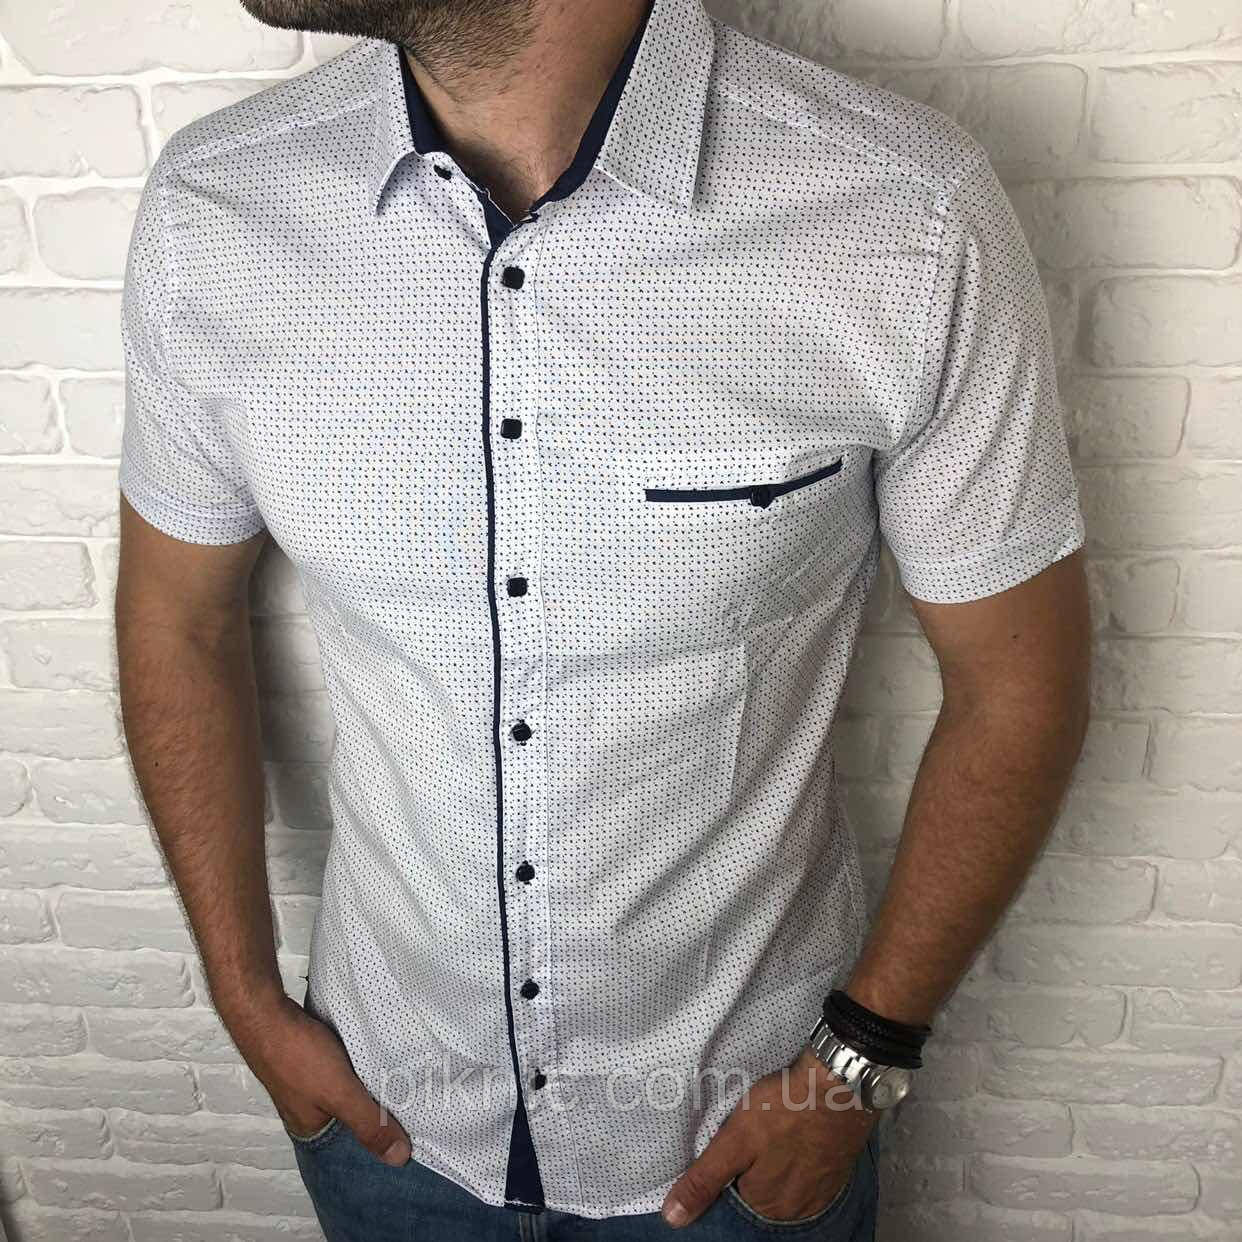 Рубашка мужская классическая L короткий рукав. Турция. Молодежная турецкая рубашка. Белый